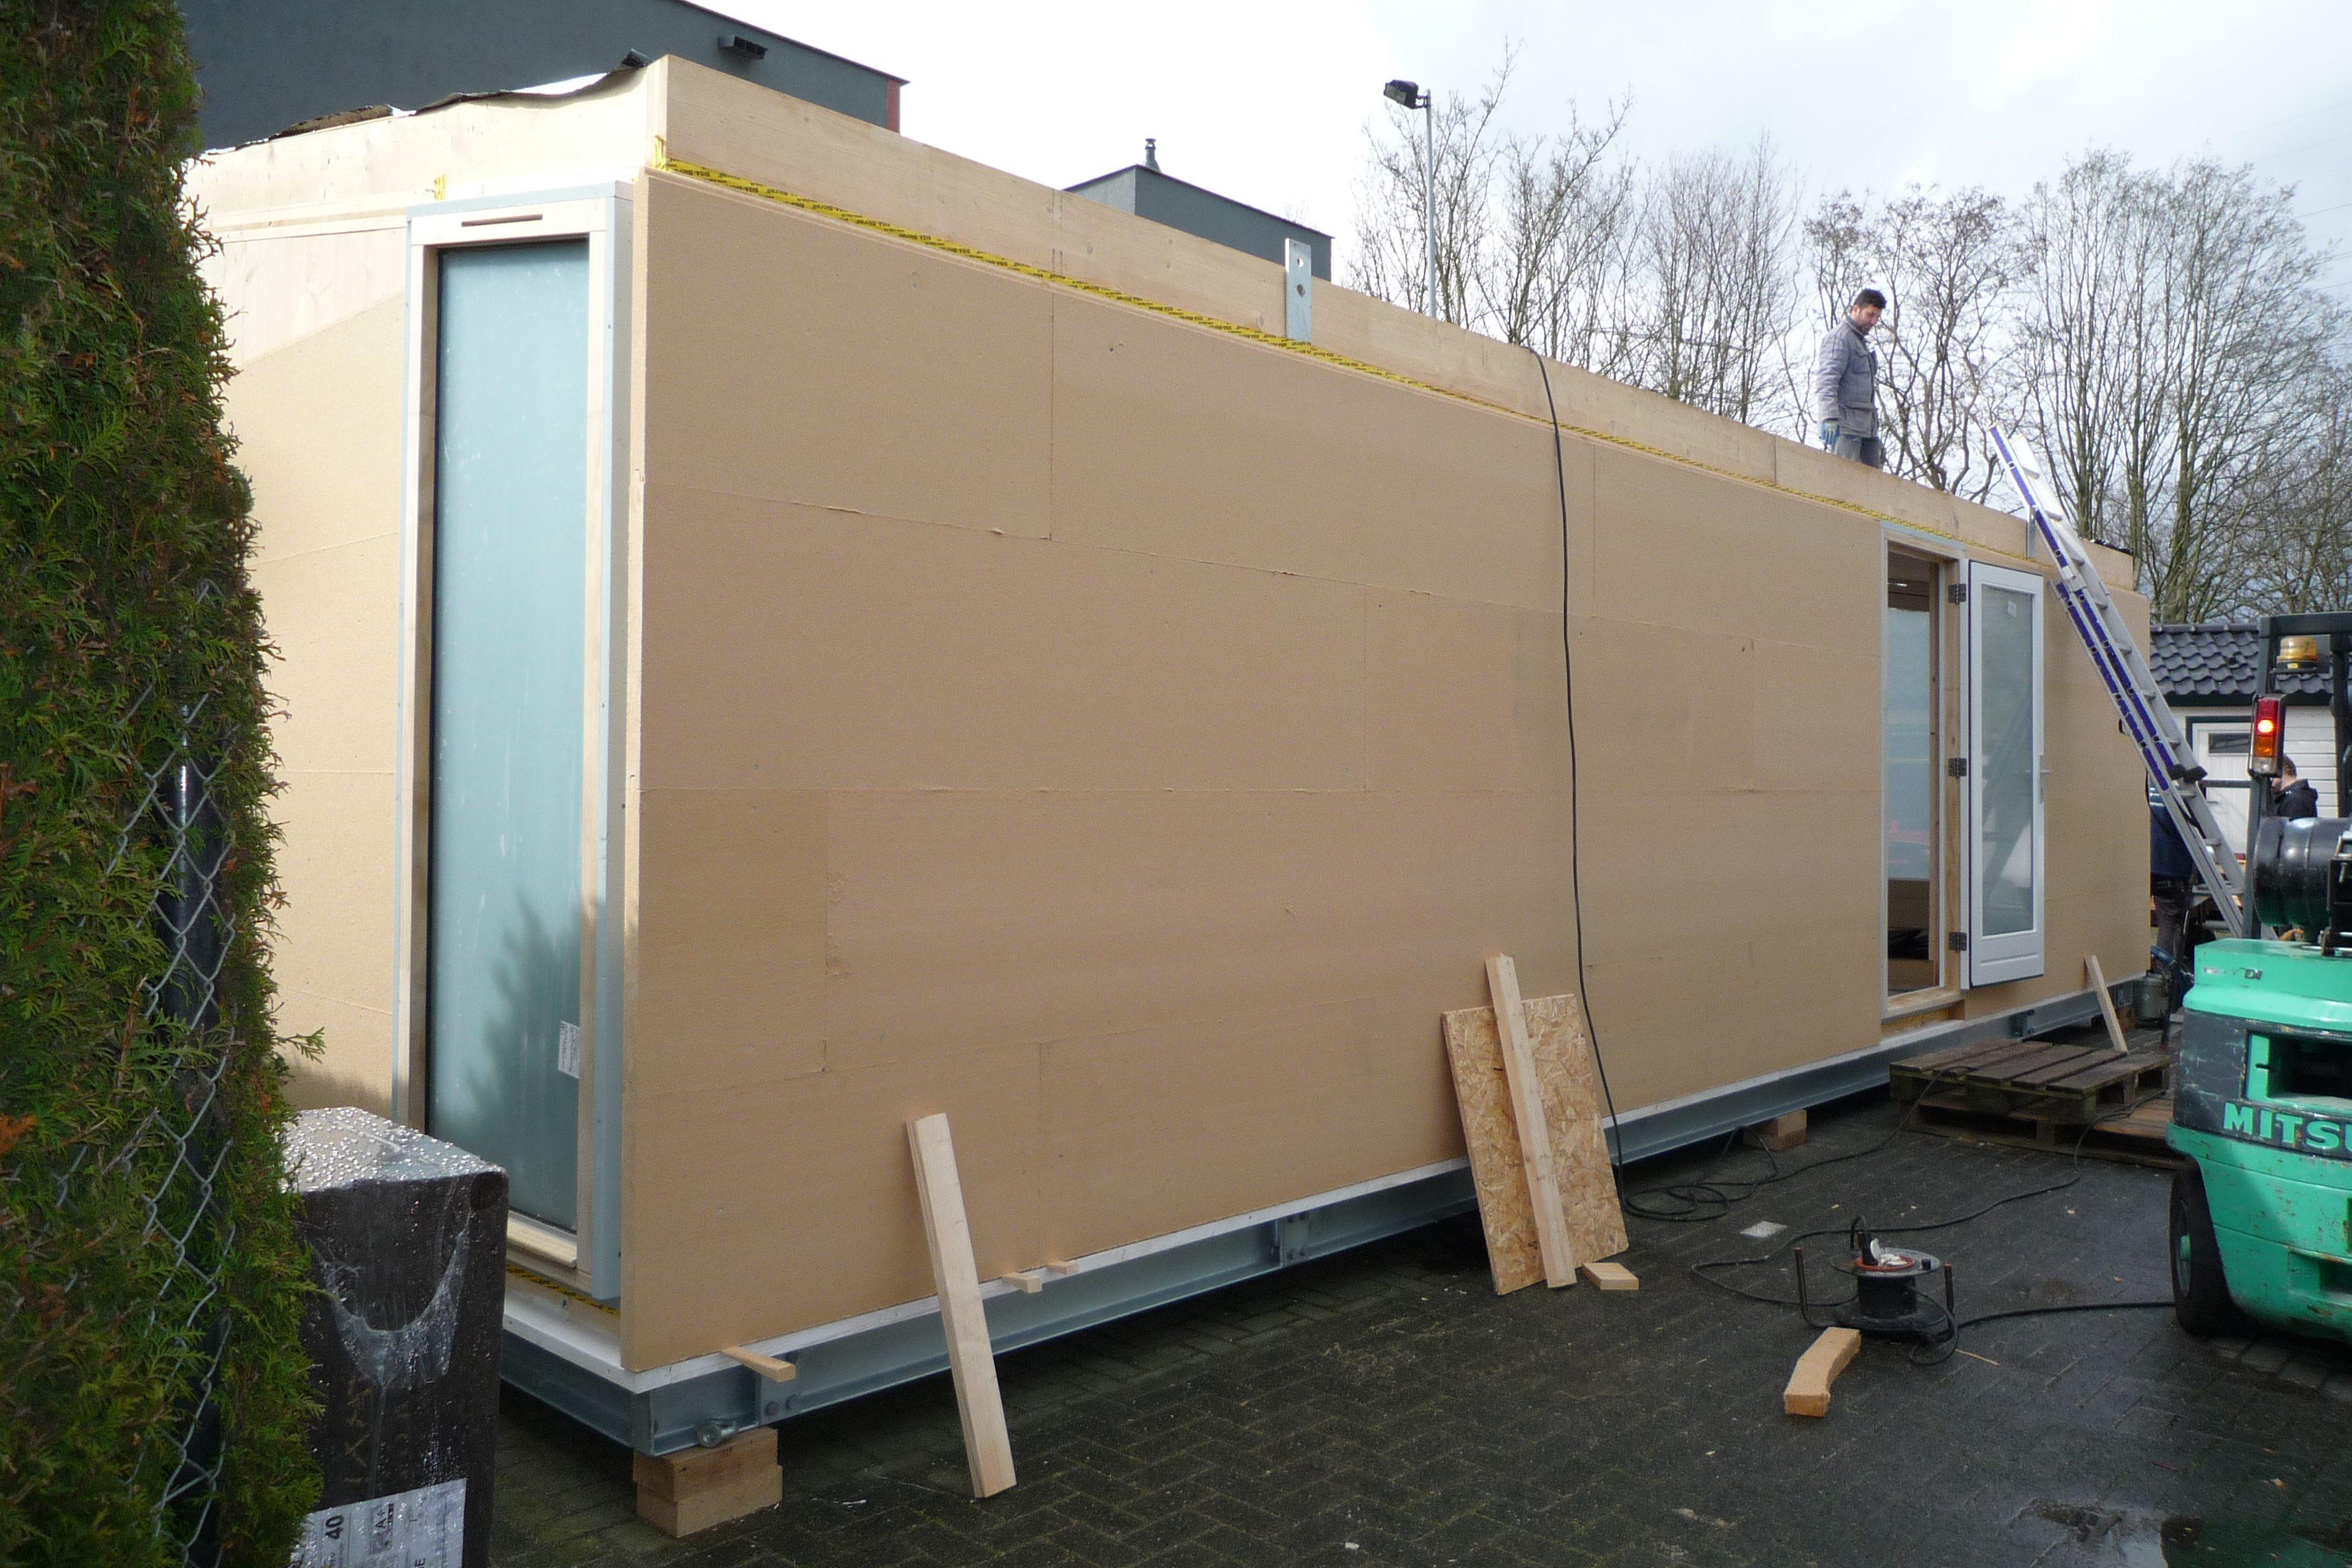 Na de montage van de geprefabriceerde massiefhouten vloer en wanden op de stalen fundering wordt de module geïsoleerd met houtvezelplaten.